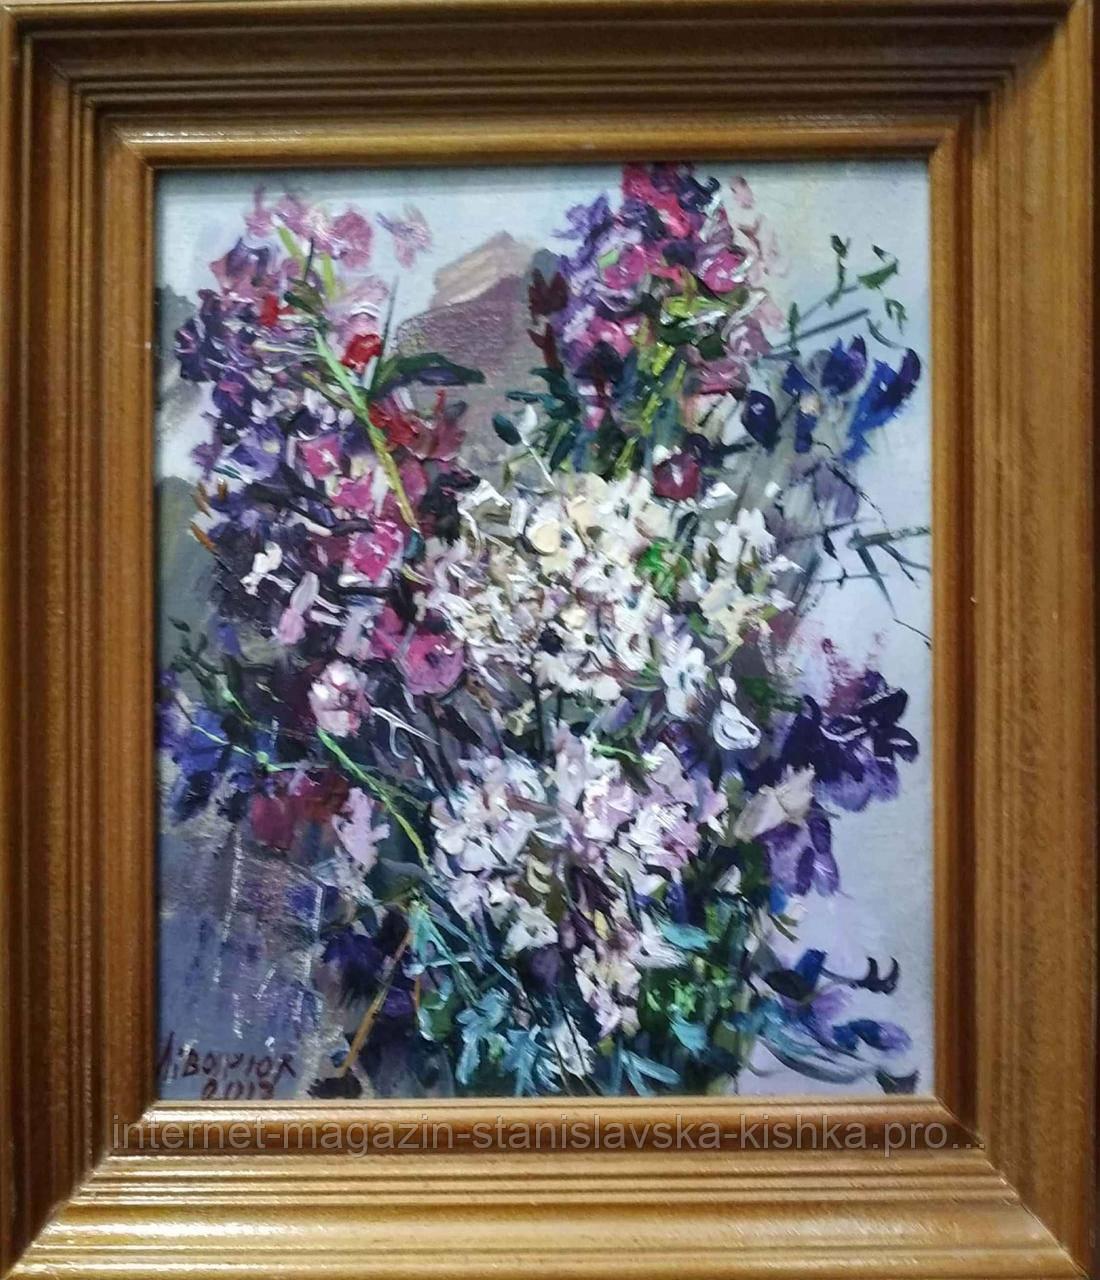 Картина  КВІТИ БУКЕТ натюрморт полотно, олія 28 * 24 в рамі (дерево)